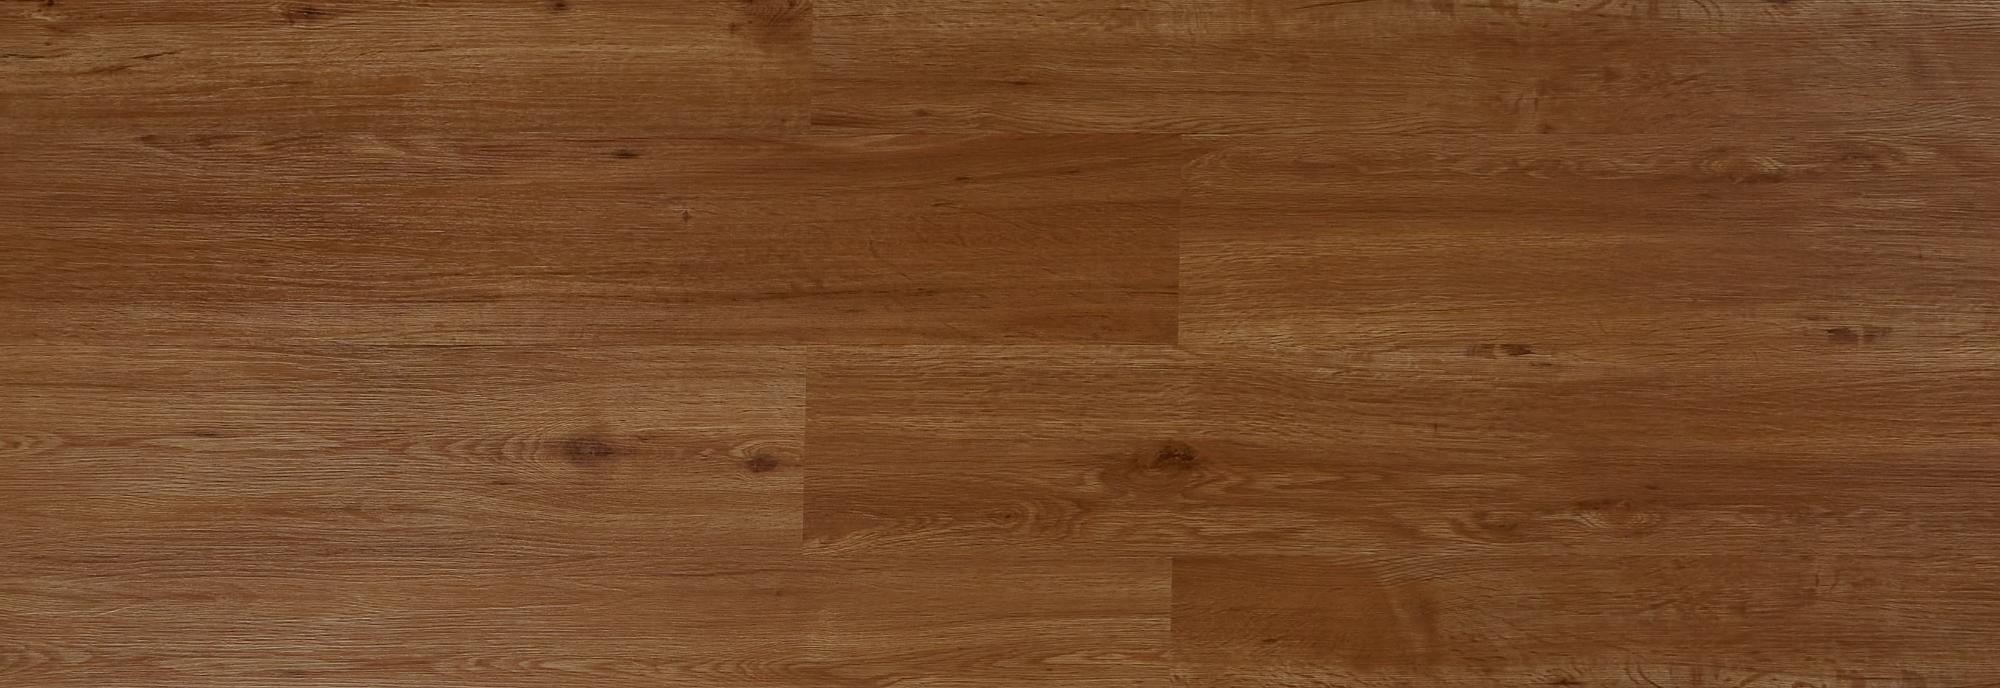 NOMAD FLO - NF10519 Teruel Promo - Vinylová podlaha s kompozitním jádrem - Click